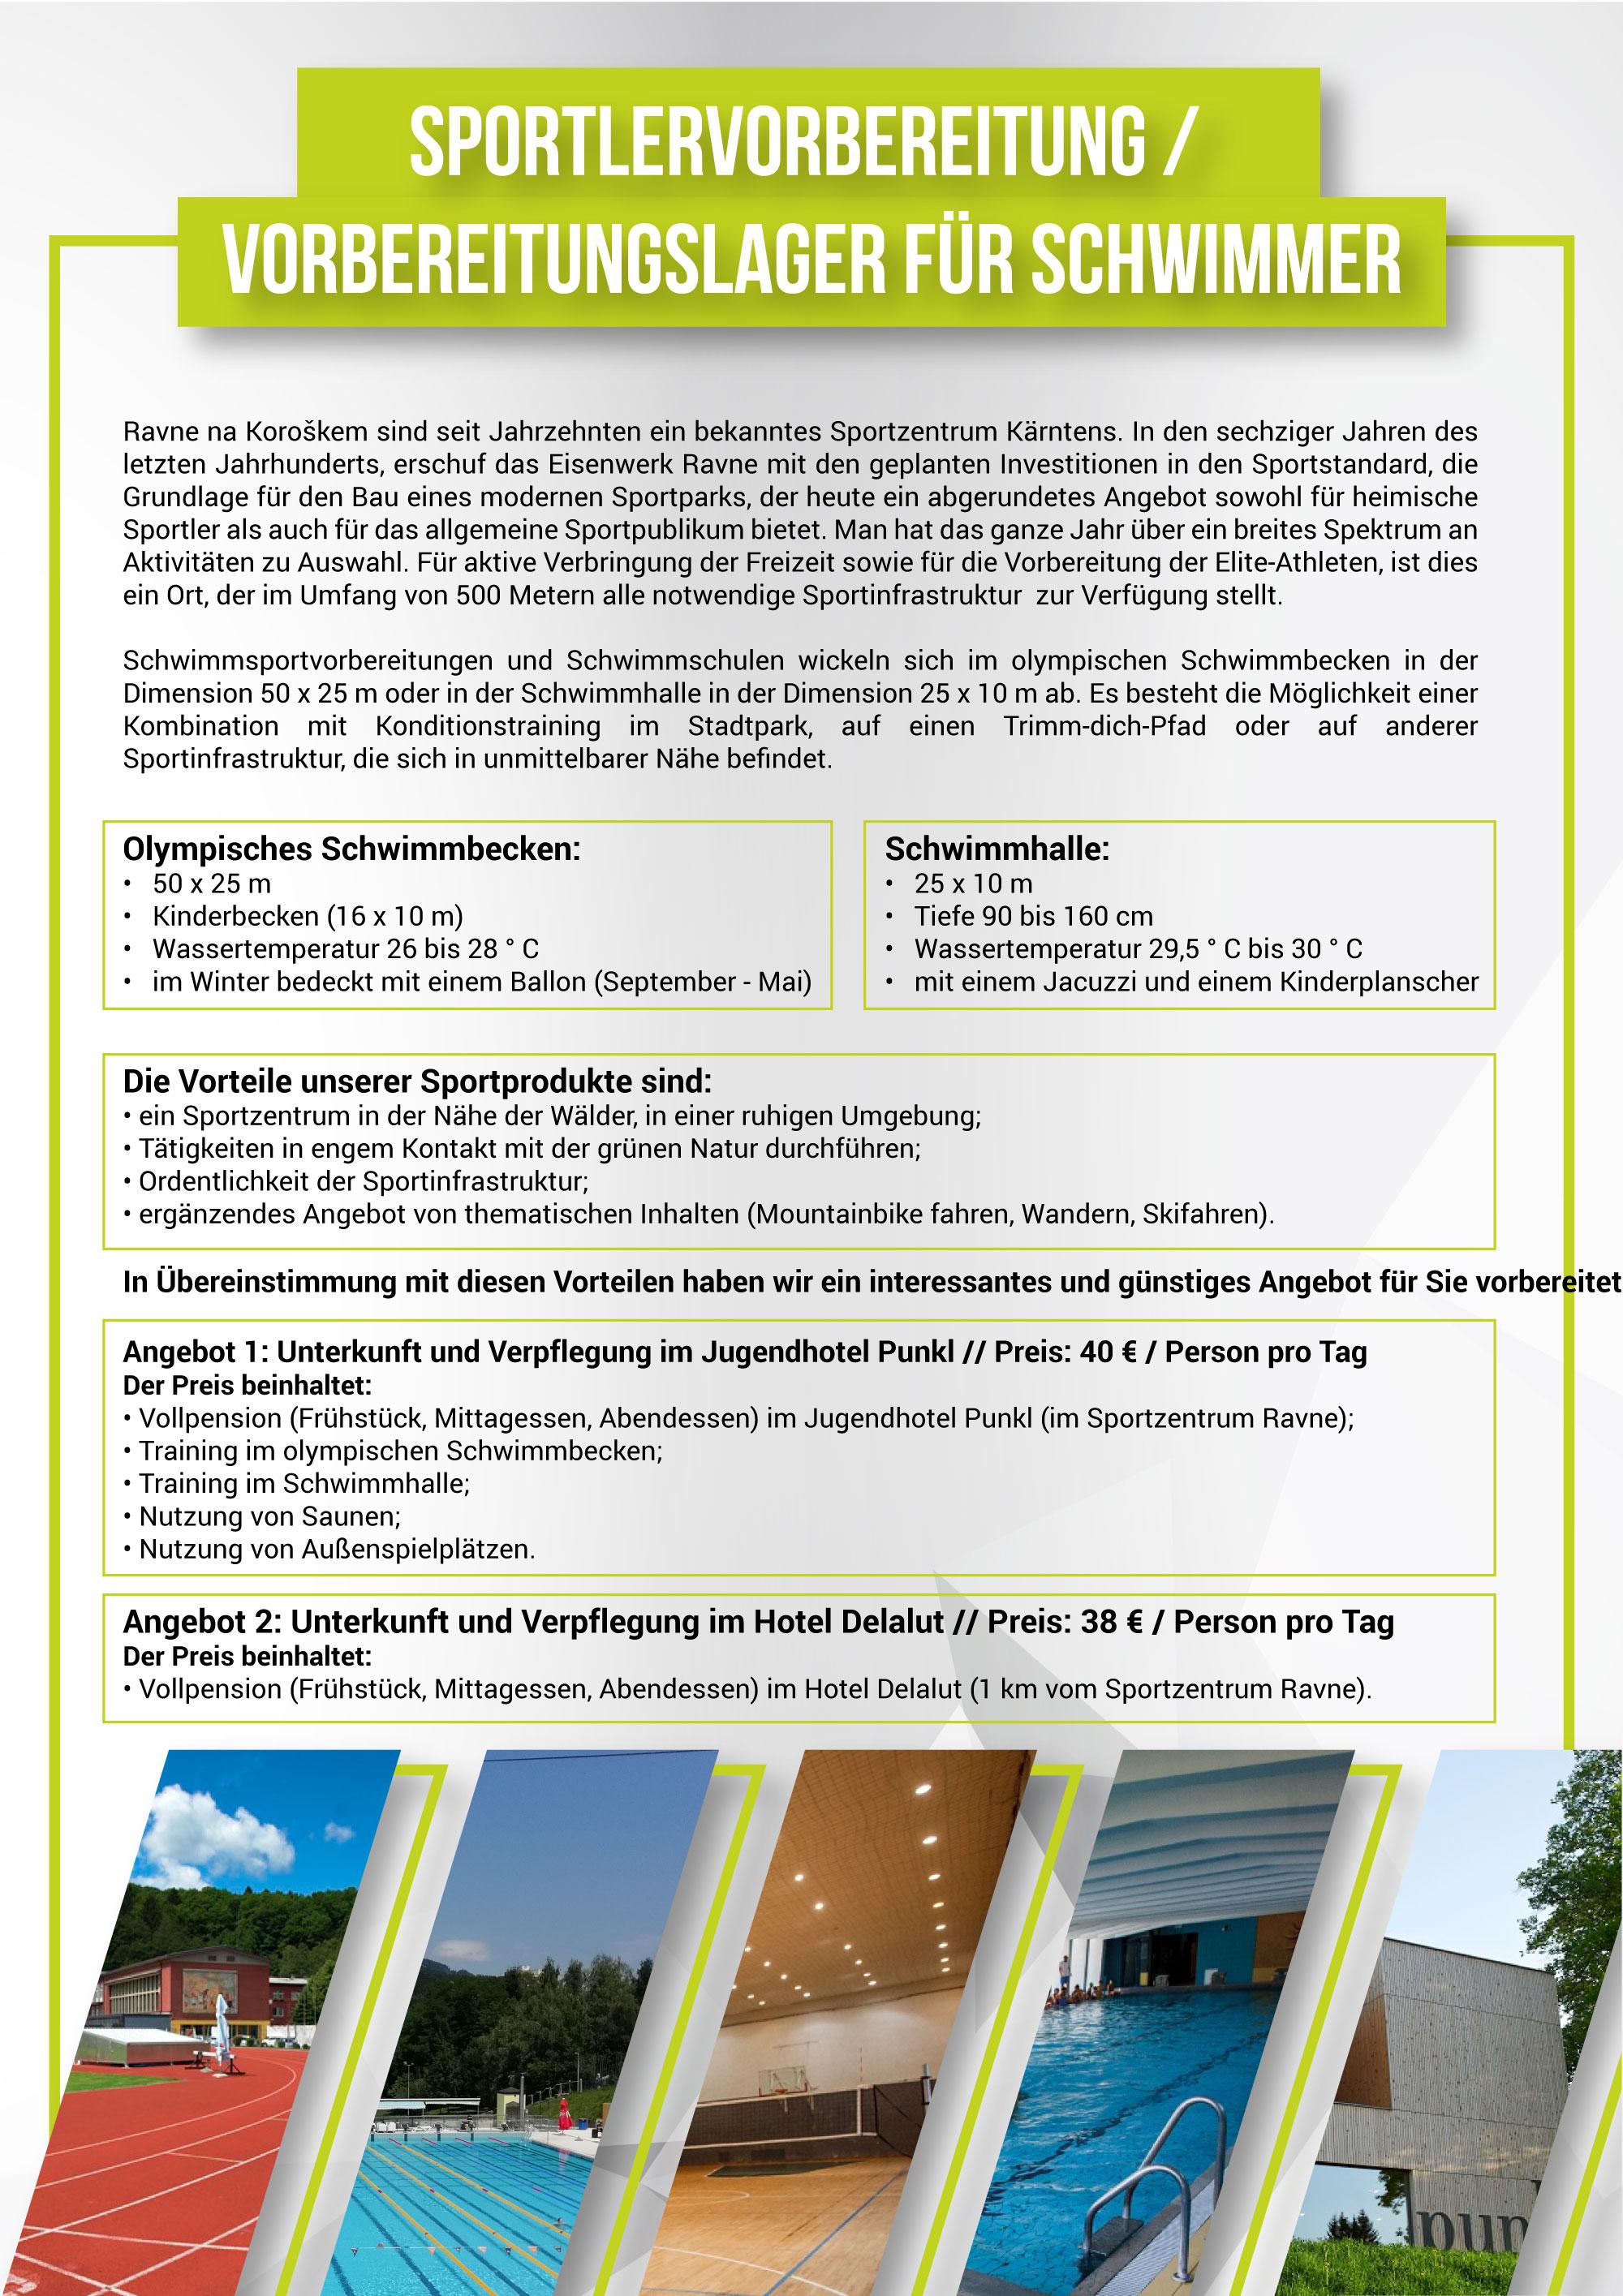 Спортске припреме 2020, прилог на немачком језику, страна 1